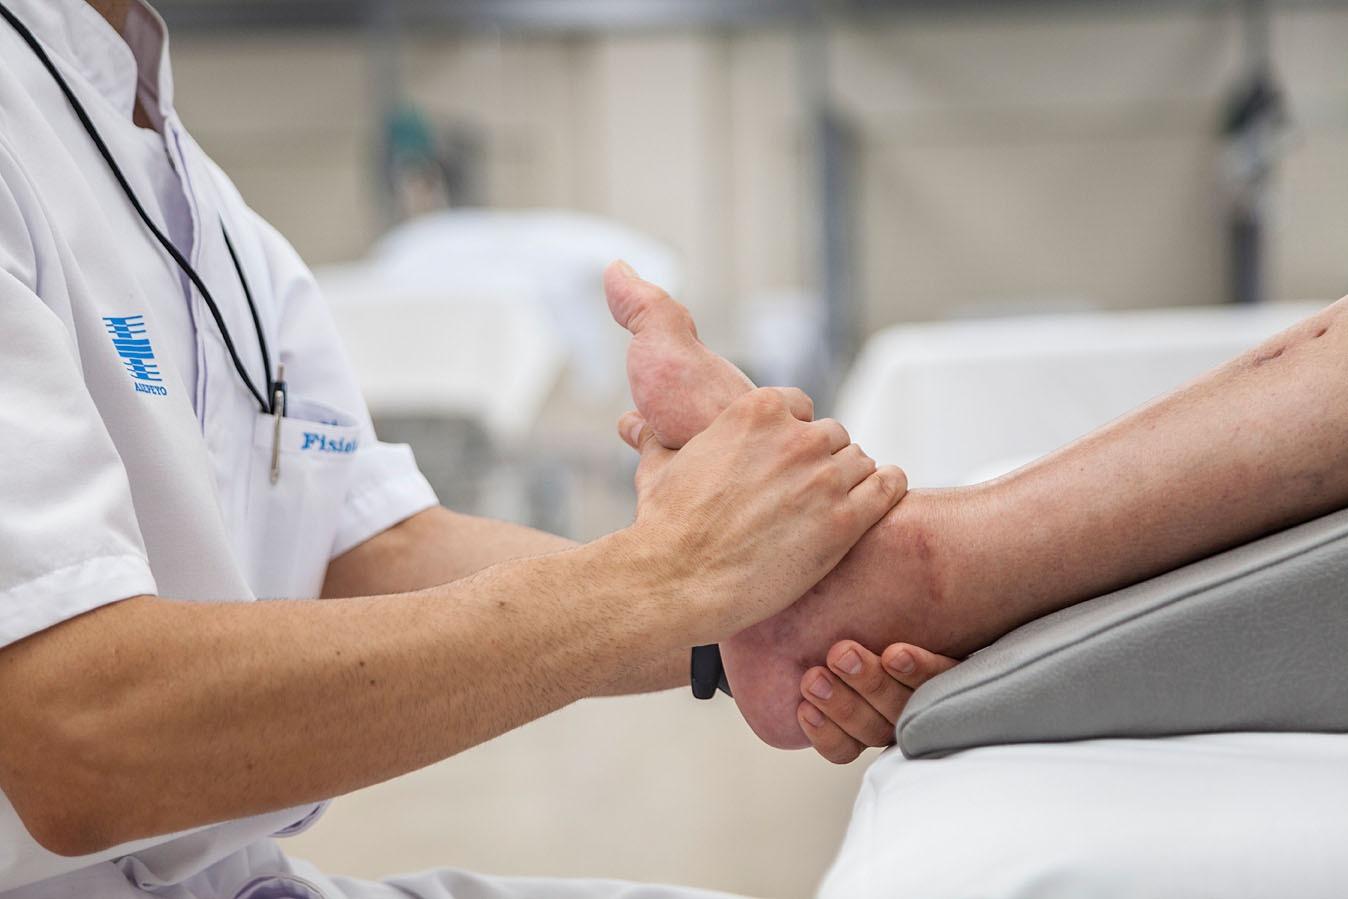 Calcaneoplastia para las intervenciones de fracturas de calcáneo